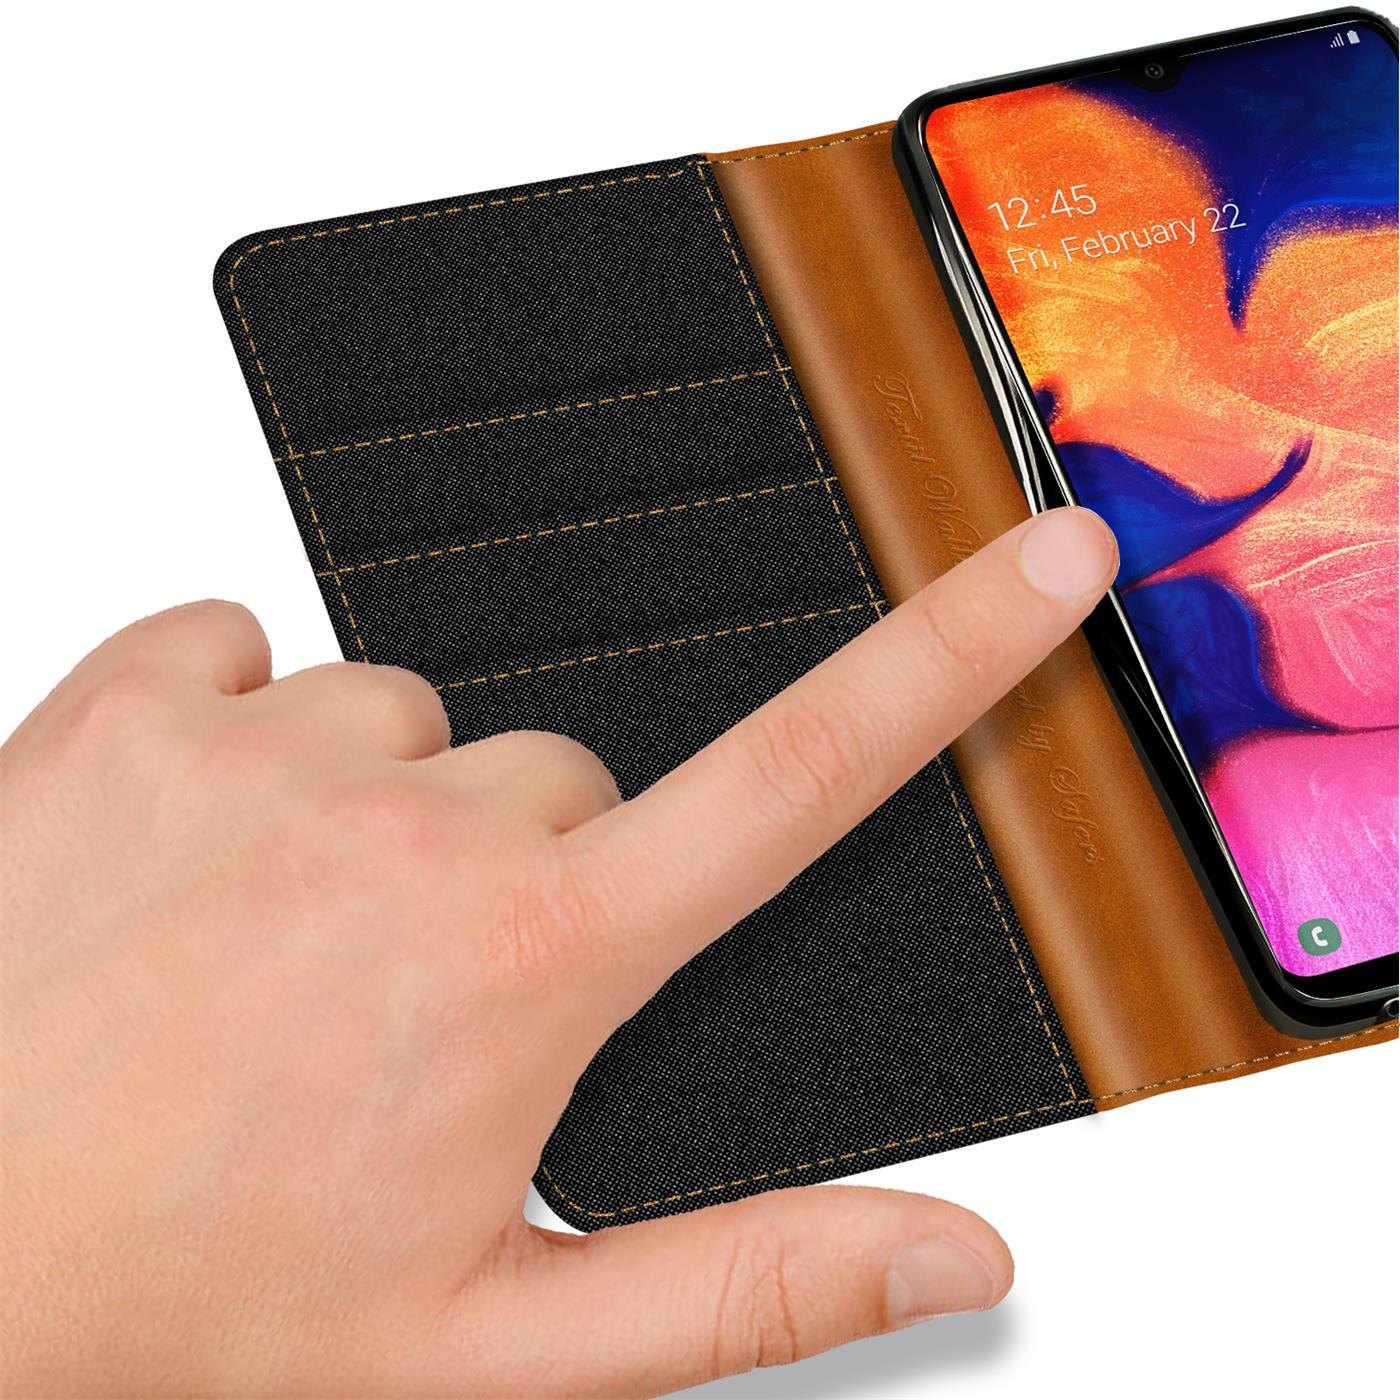 Handy-Huelle-Samsung-Galaxy-A10-Tasche-Wallet-Flip-Case-Schutz-Huelle-Stoff-Cover Indexbild 10